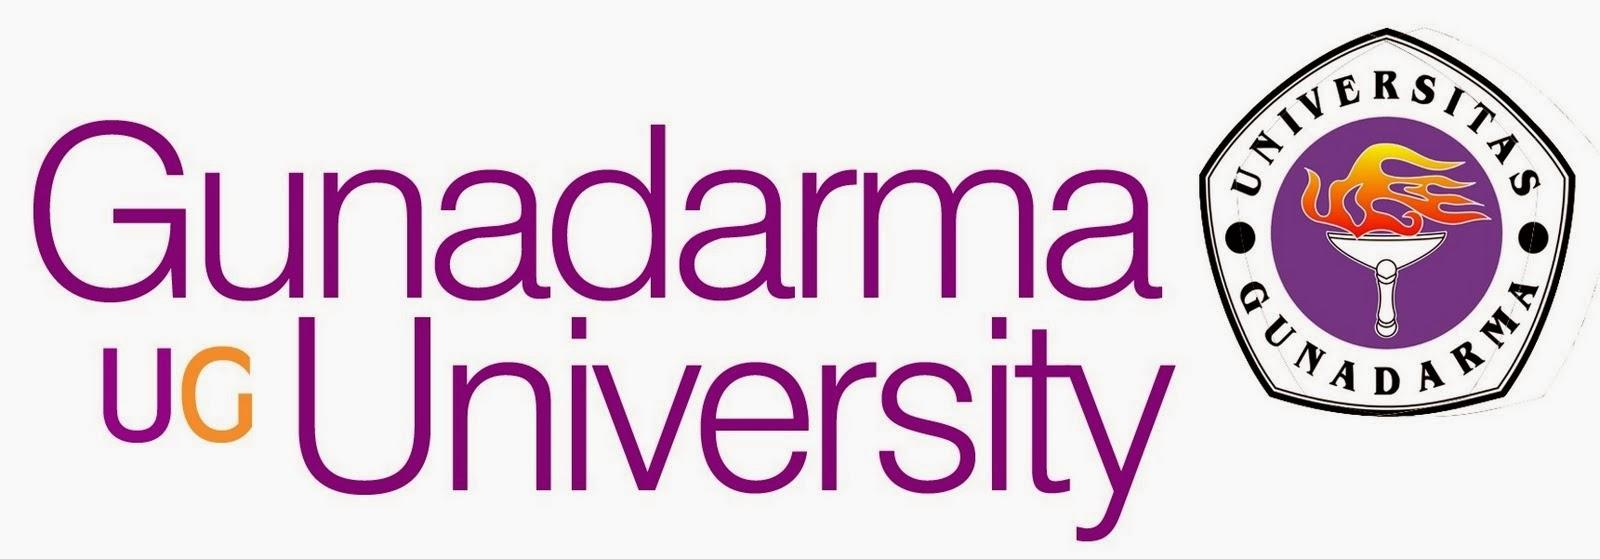 - My University -